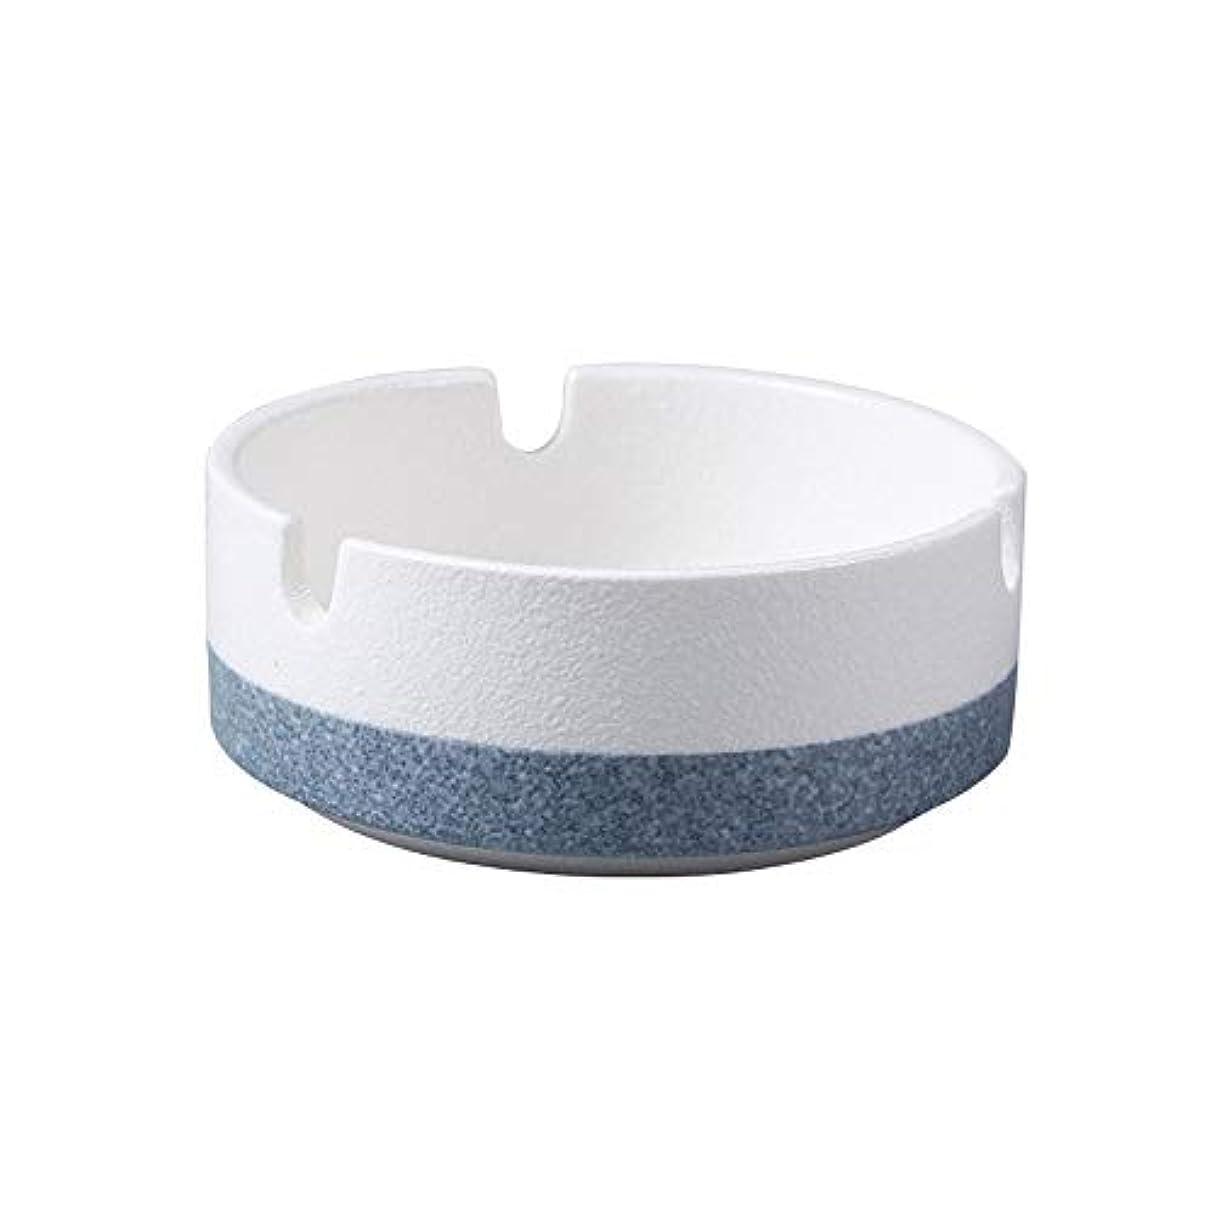 スパーク不道徳姉妹たばこ、贈り物、ホームオフィス用の丸い光沢のある灰皿(白)